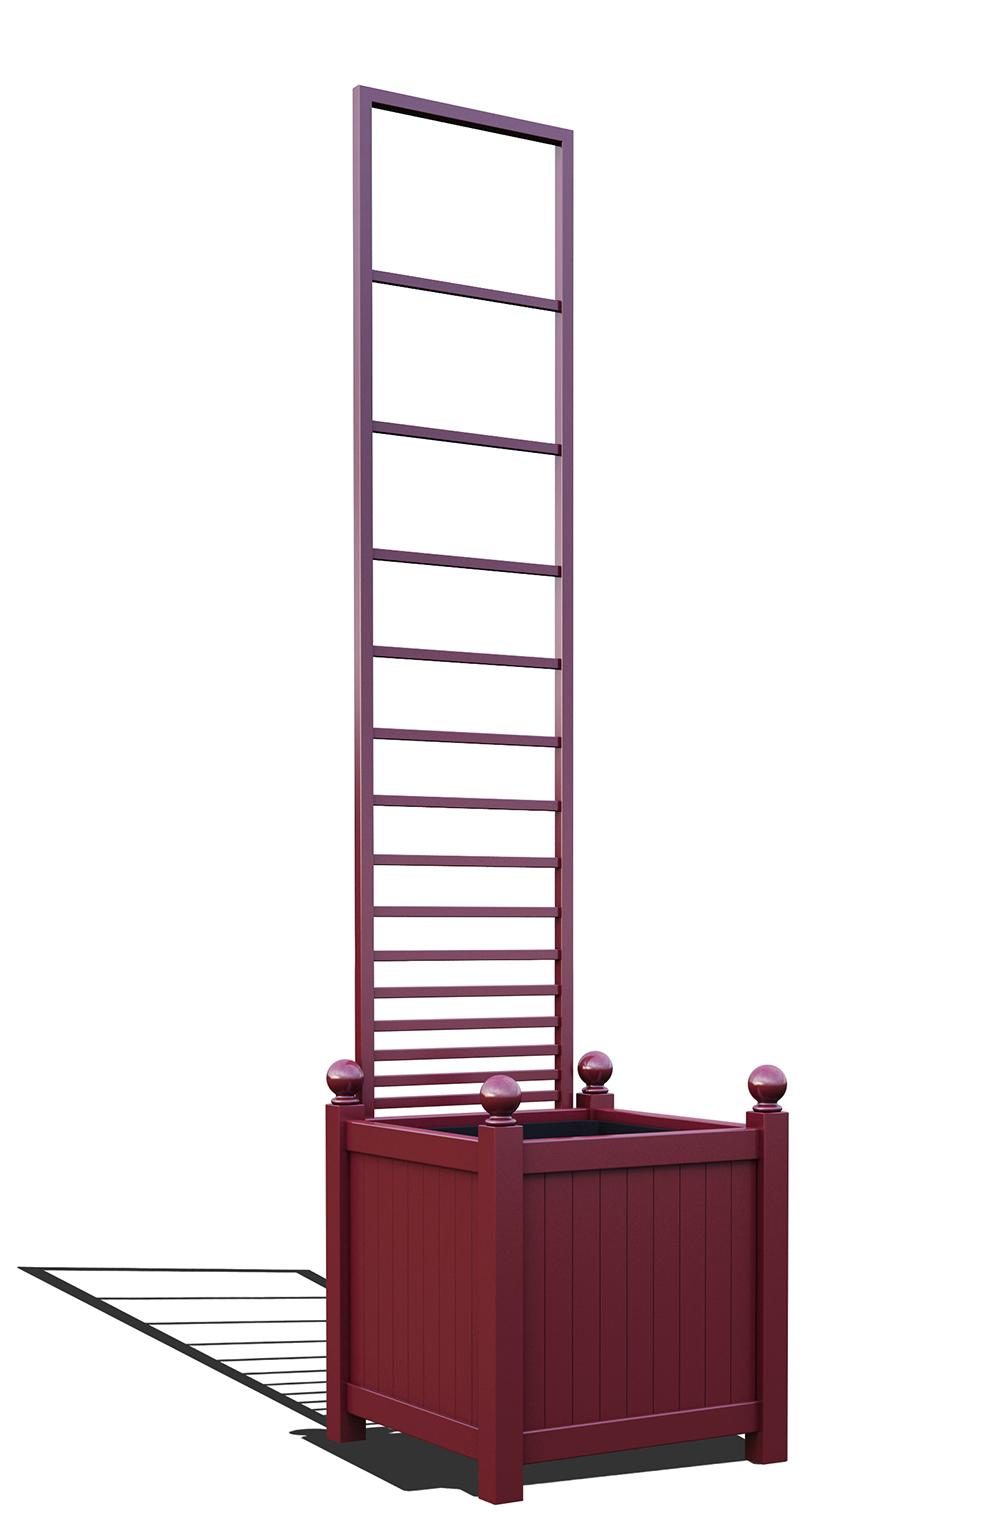 R23-Y-PHL-Versailler Pflanzkübel mit Rankgitter in RAL-3005 wine red